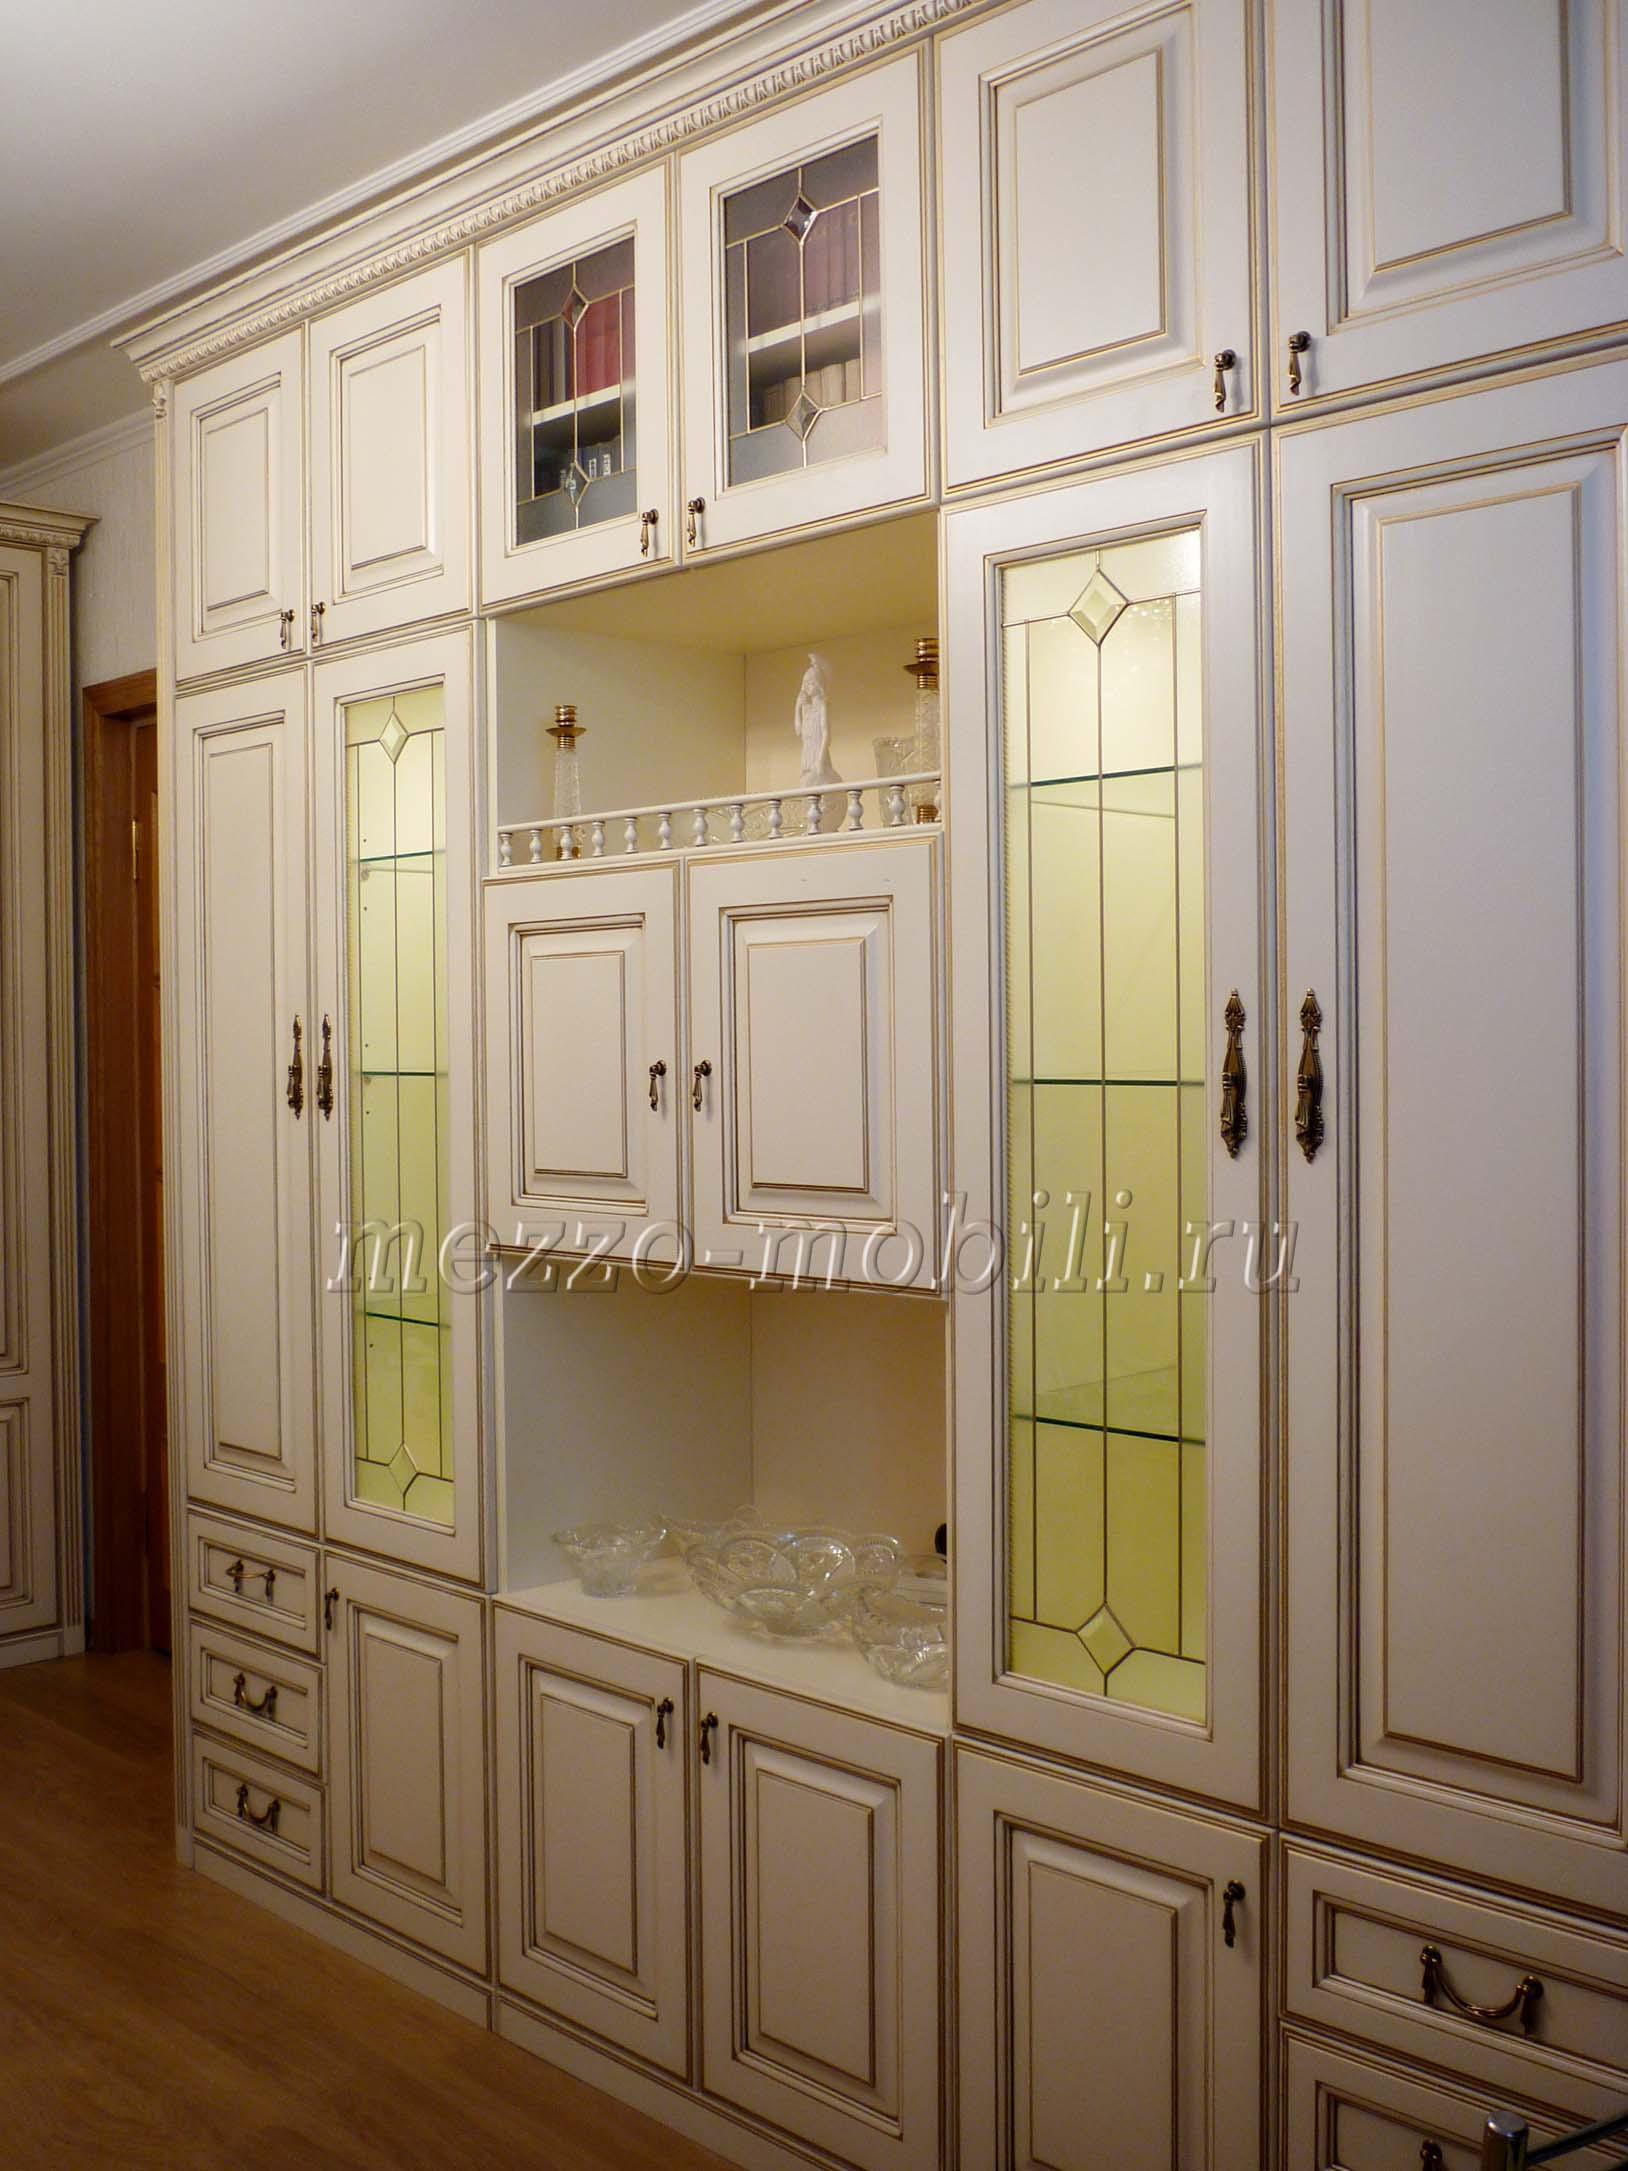 Услуги: ателье мебели уют- имеет честь предложить современны.